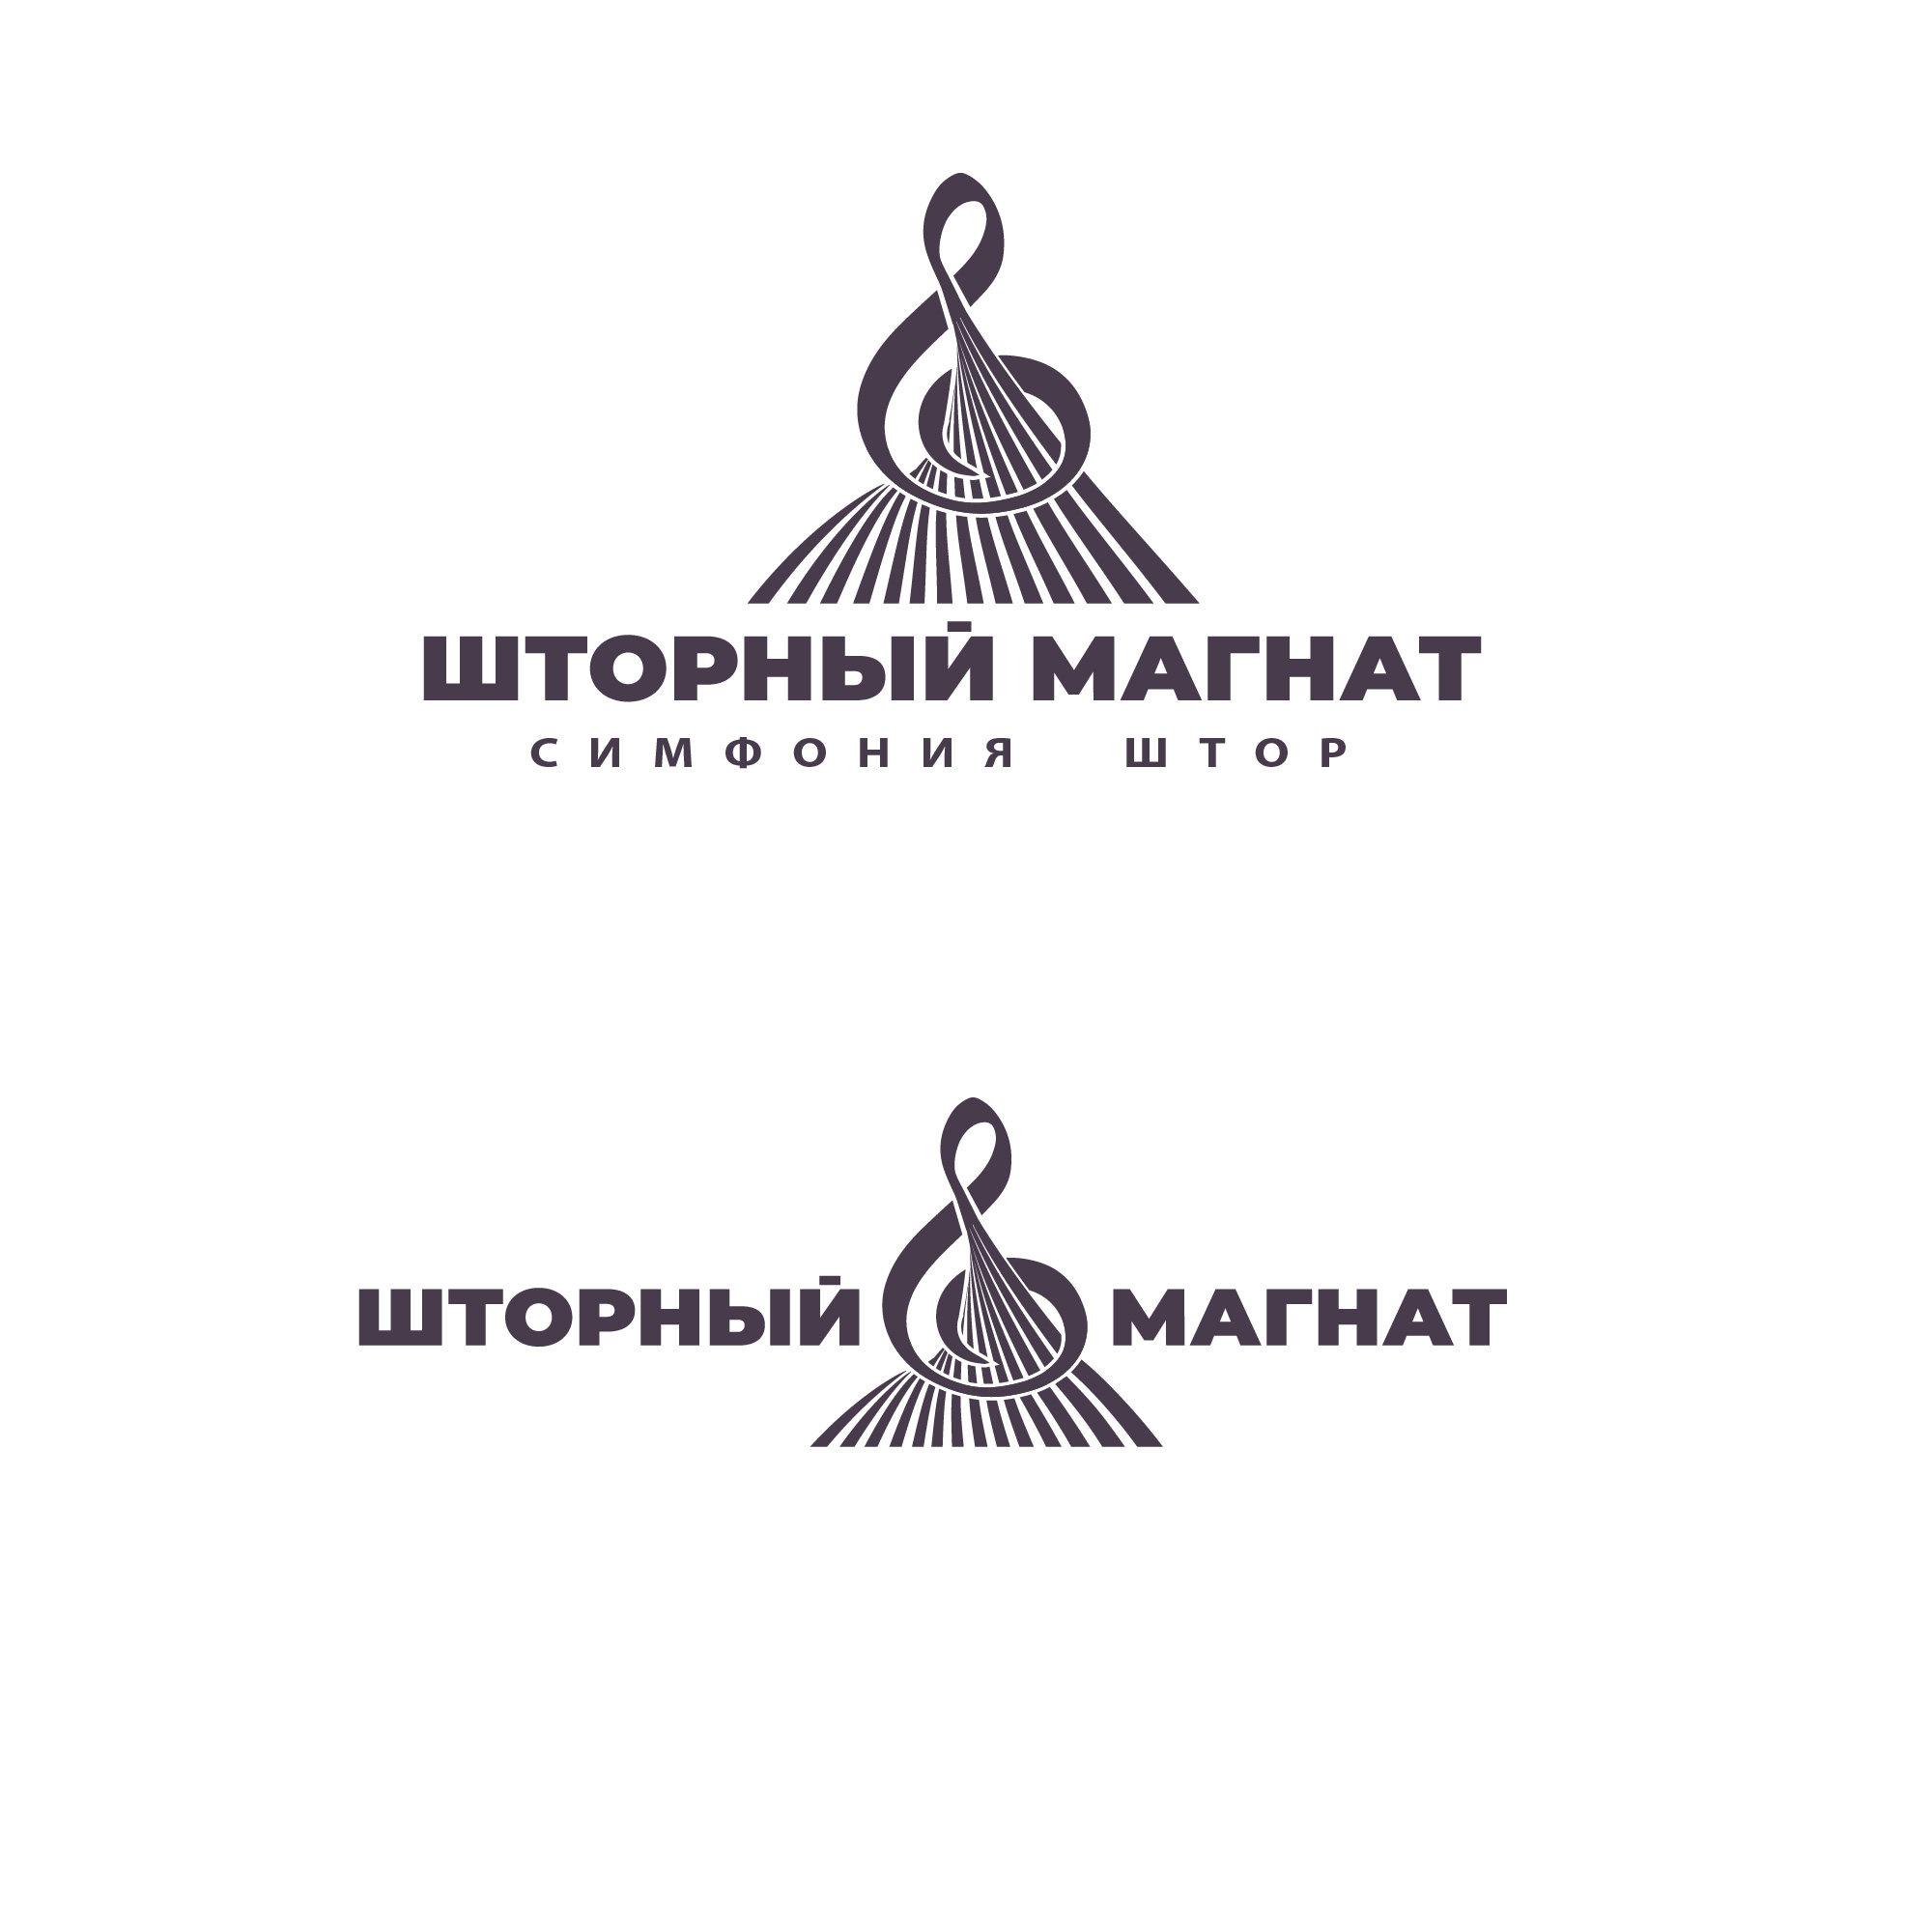 Логотип и фирменный стиль для магазина тканей. фото f_8175cd996ec03ce5.jpg